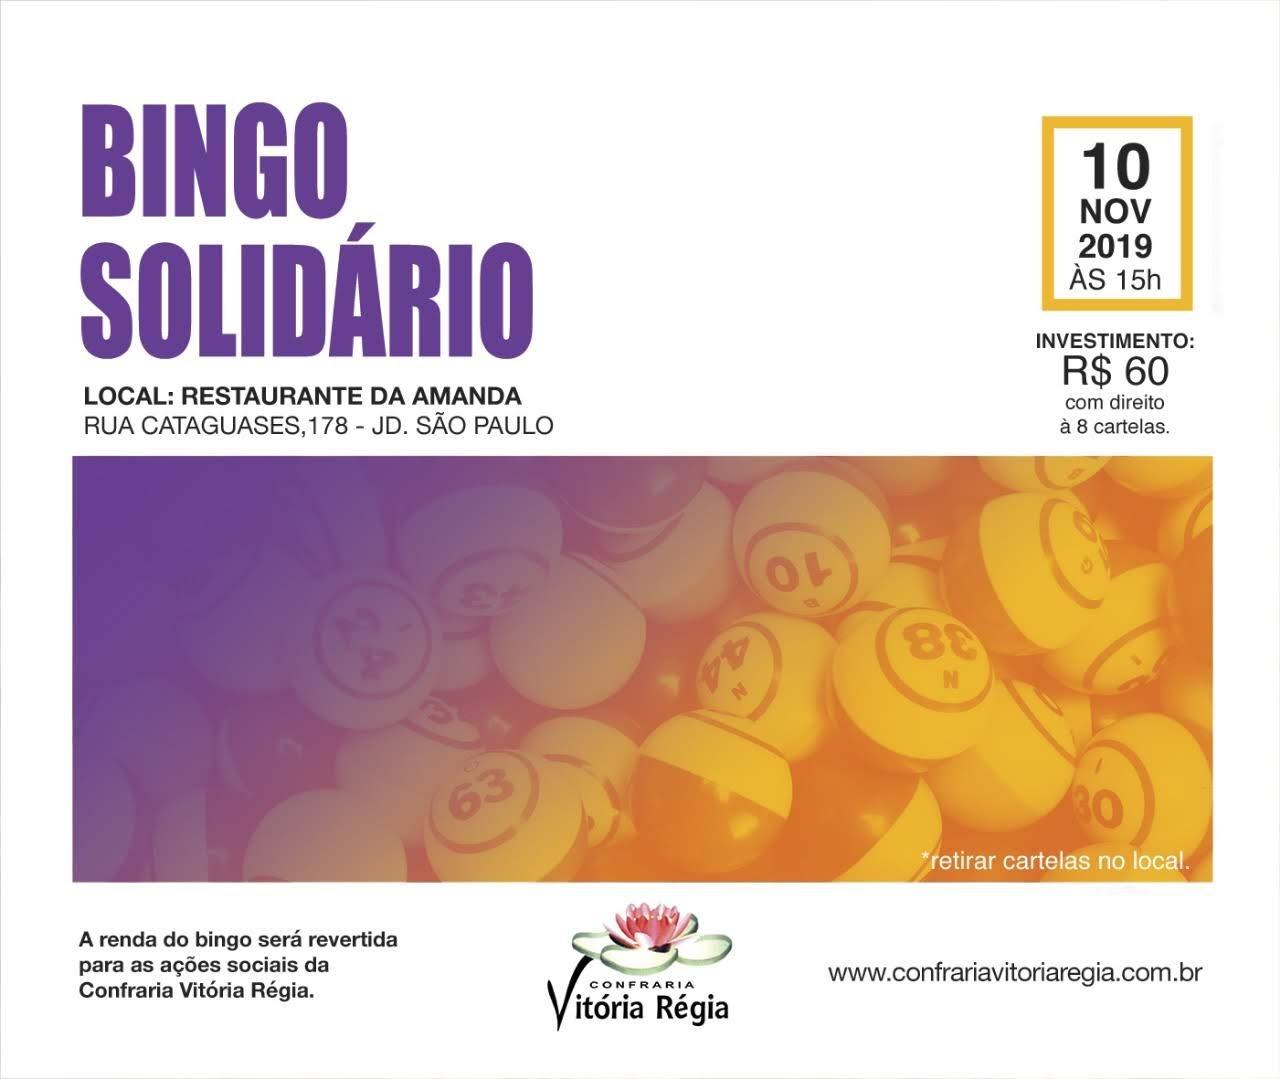 BINGO SOLIDÁRIO da Confraria Vitória Régia